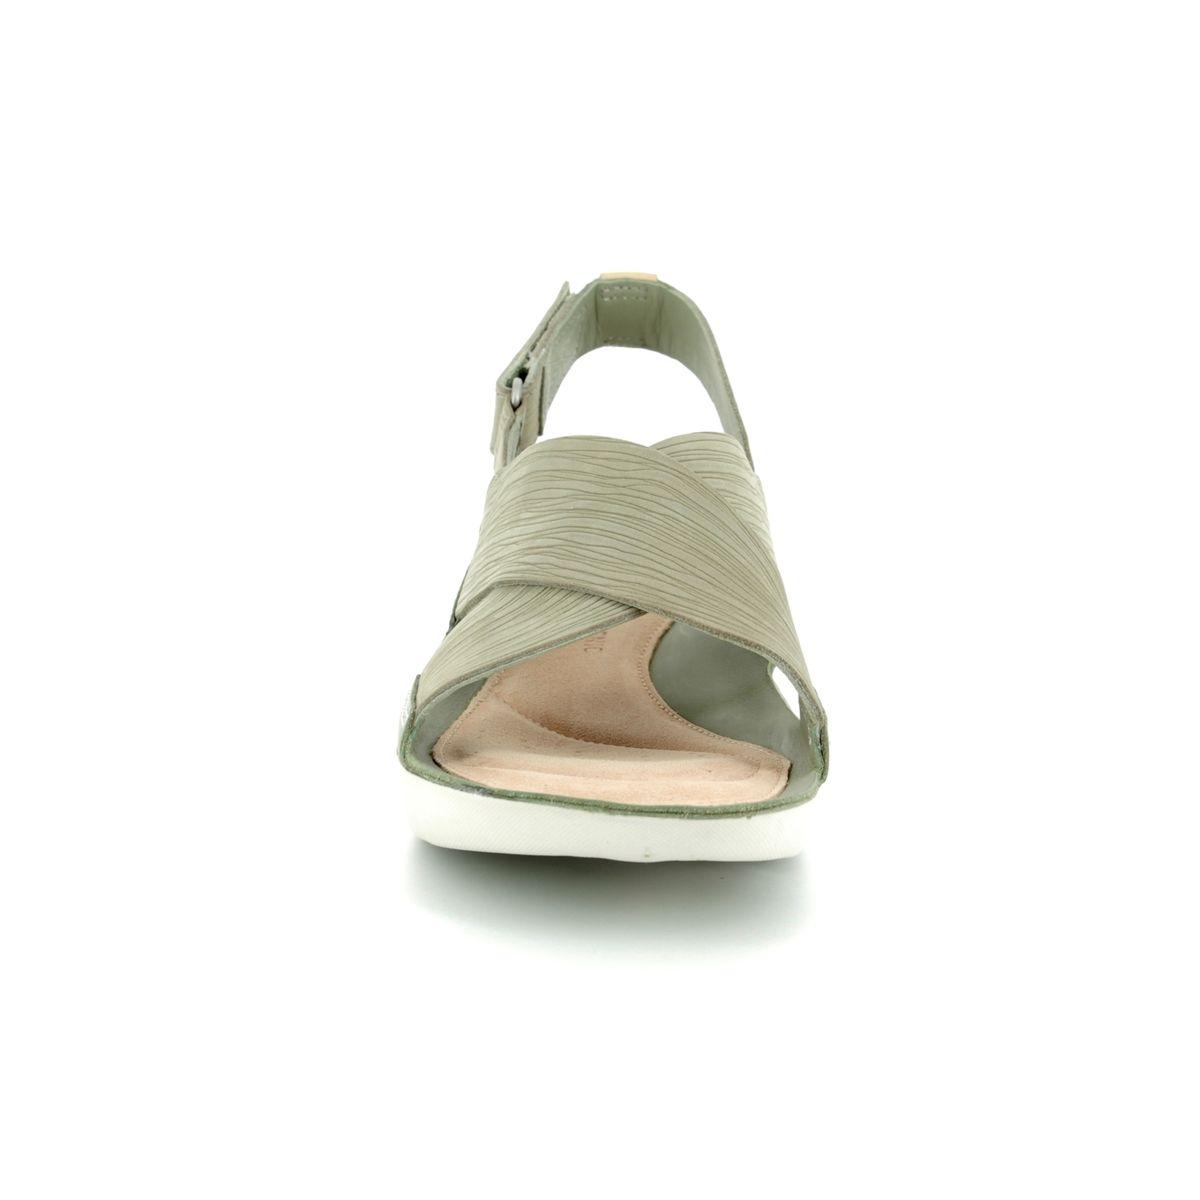 d5dda797c050d8 Clarks Sandals - Green - 3127 84D TRI CHLOE